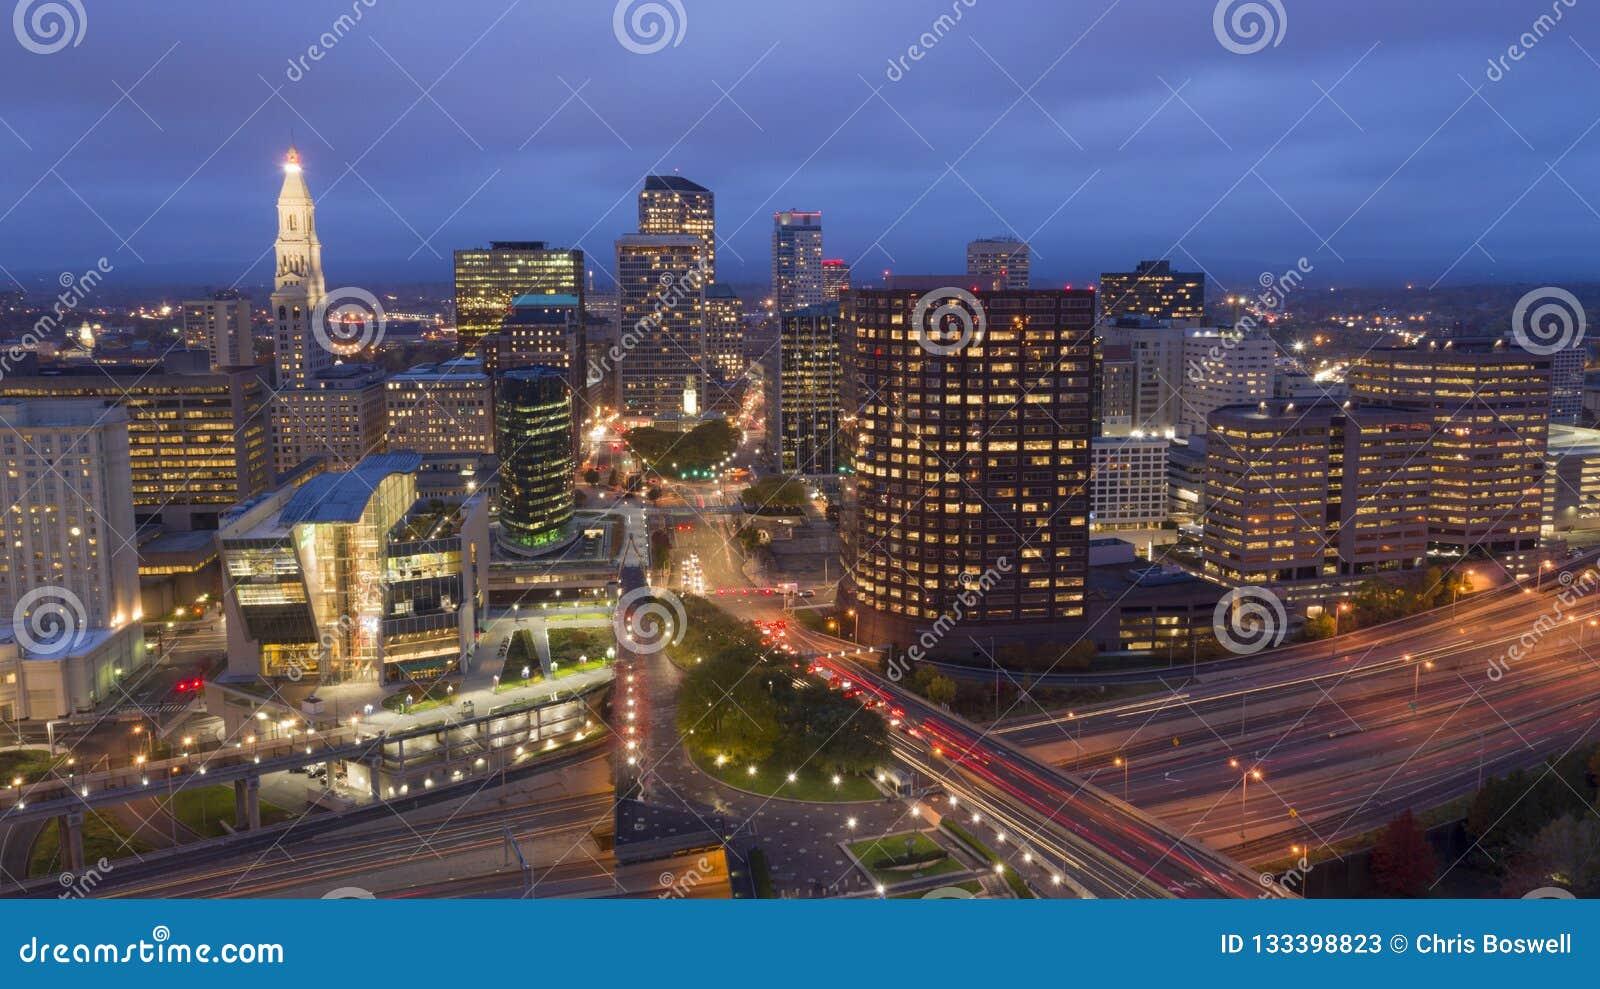 Vogelperspektive-im Stadtzentrum gelegene Stadt-Skyline Hartford Connecticut nach Einbruch der Dunkelheit